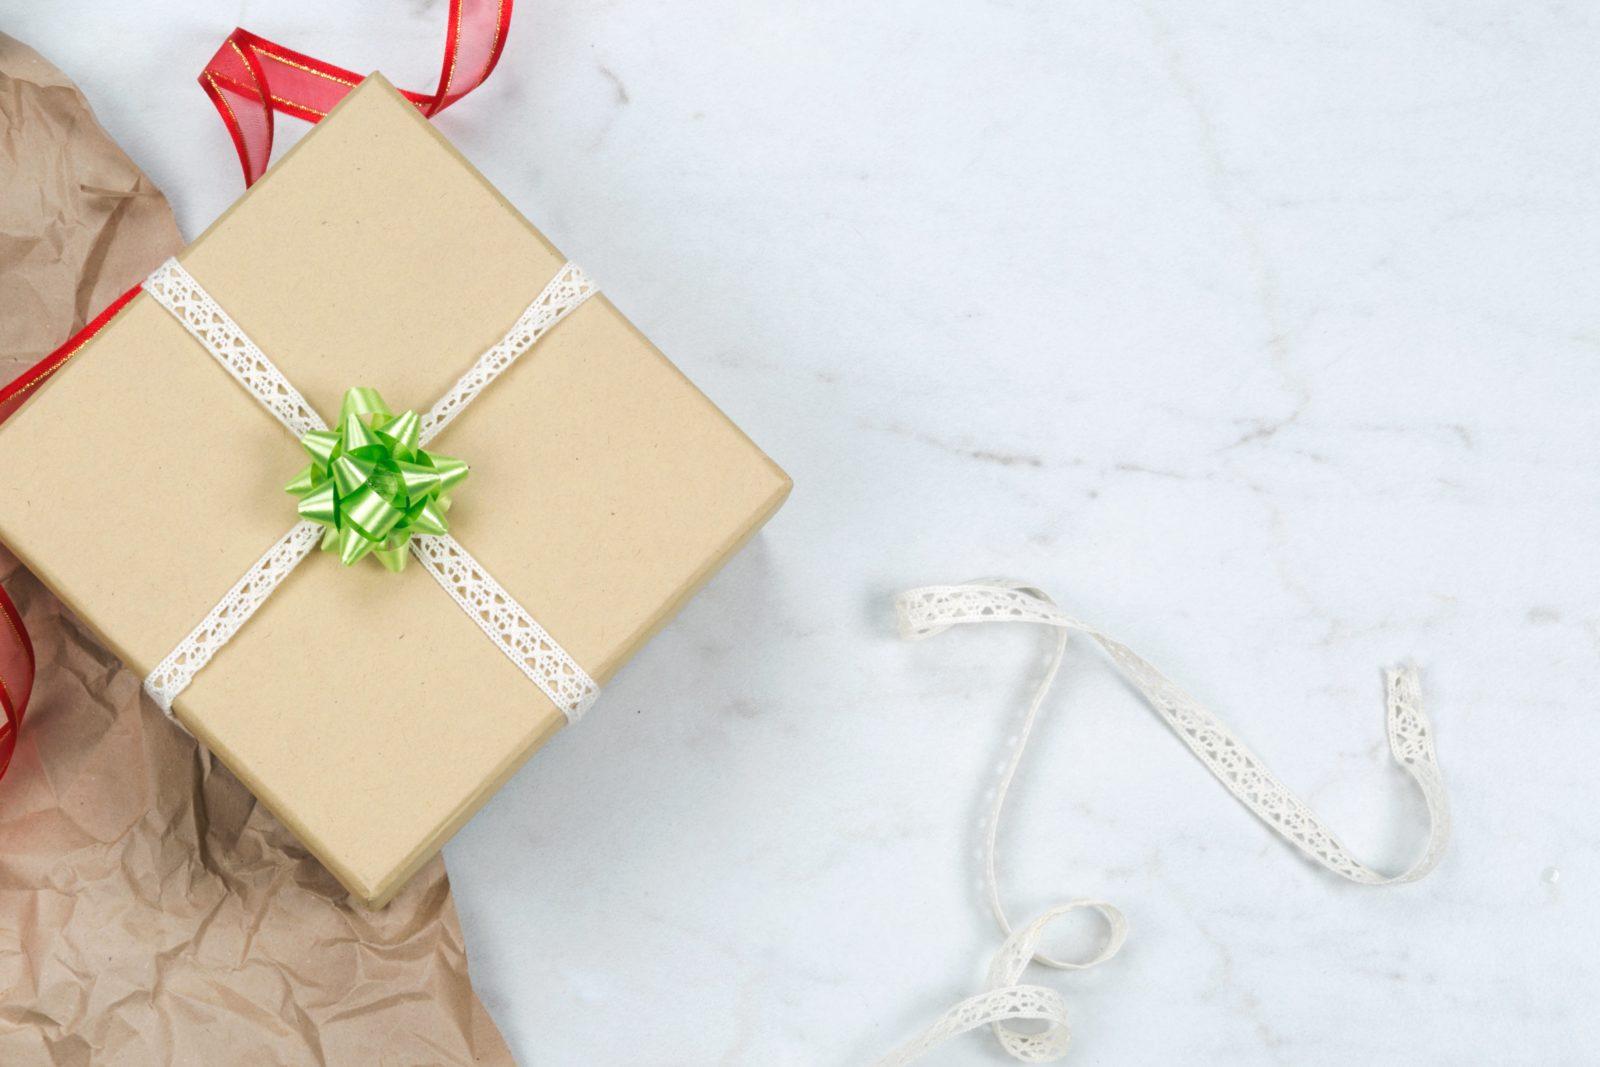 Les coffrets DIY, la tendance pour vos cadeaux de Noël